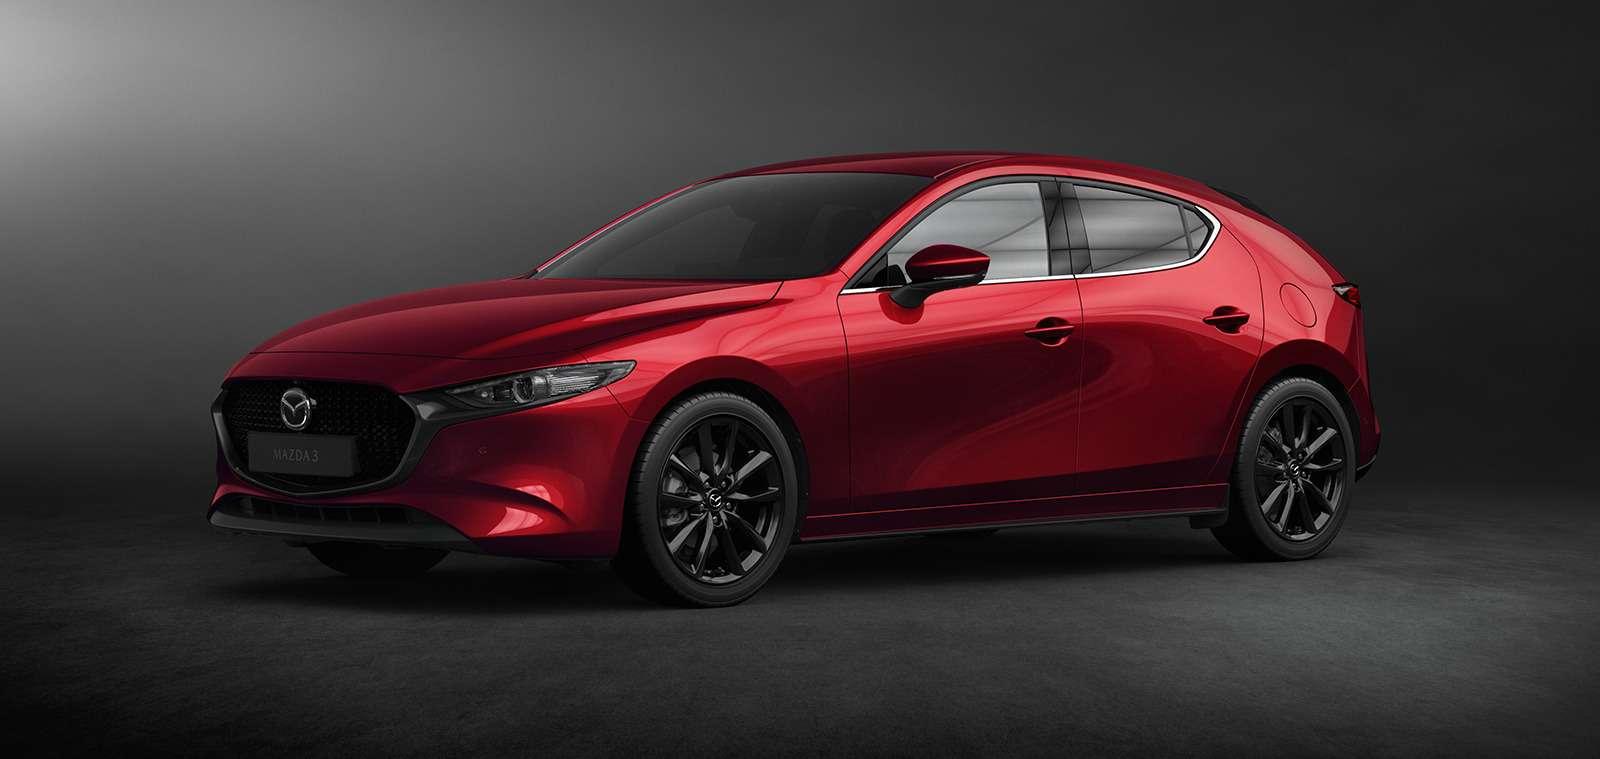 Новая Mazda 3: рассматриваем вдеталях совсех сторон— фото 928212